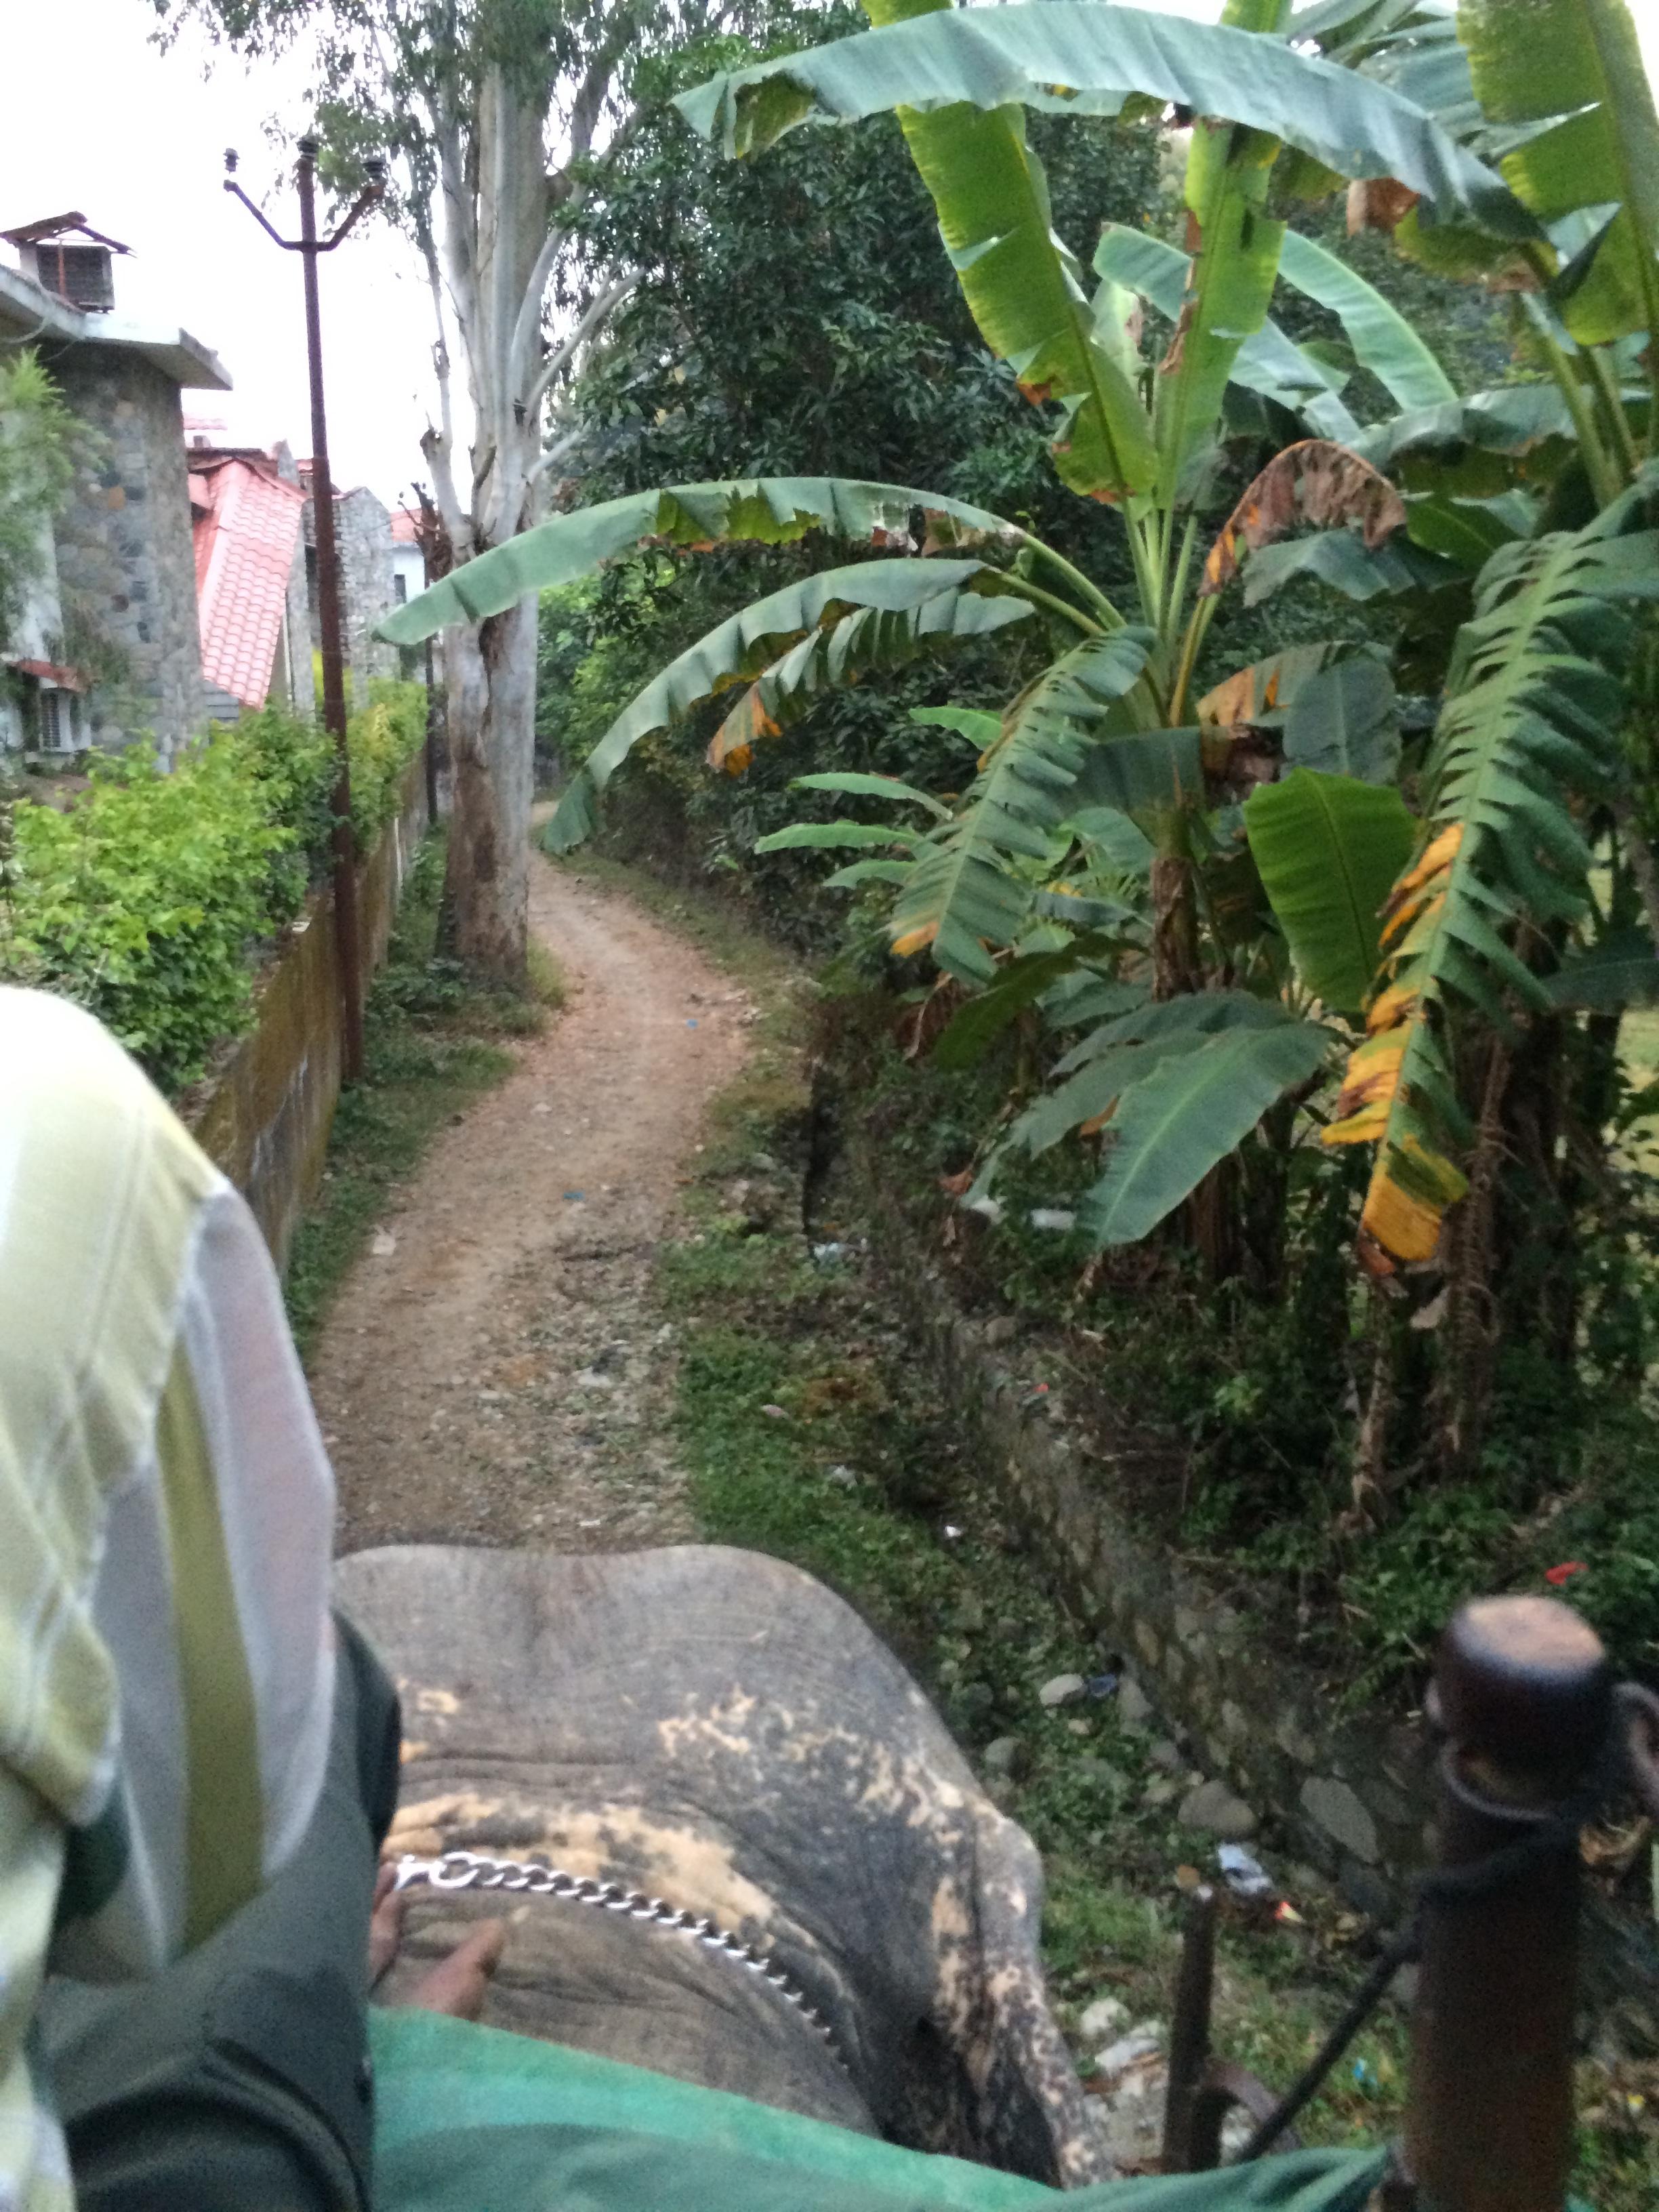 Kalina takes us through the village to the river